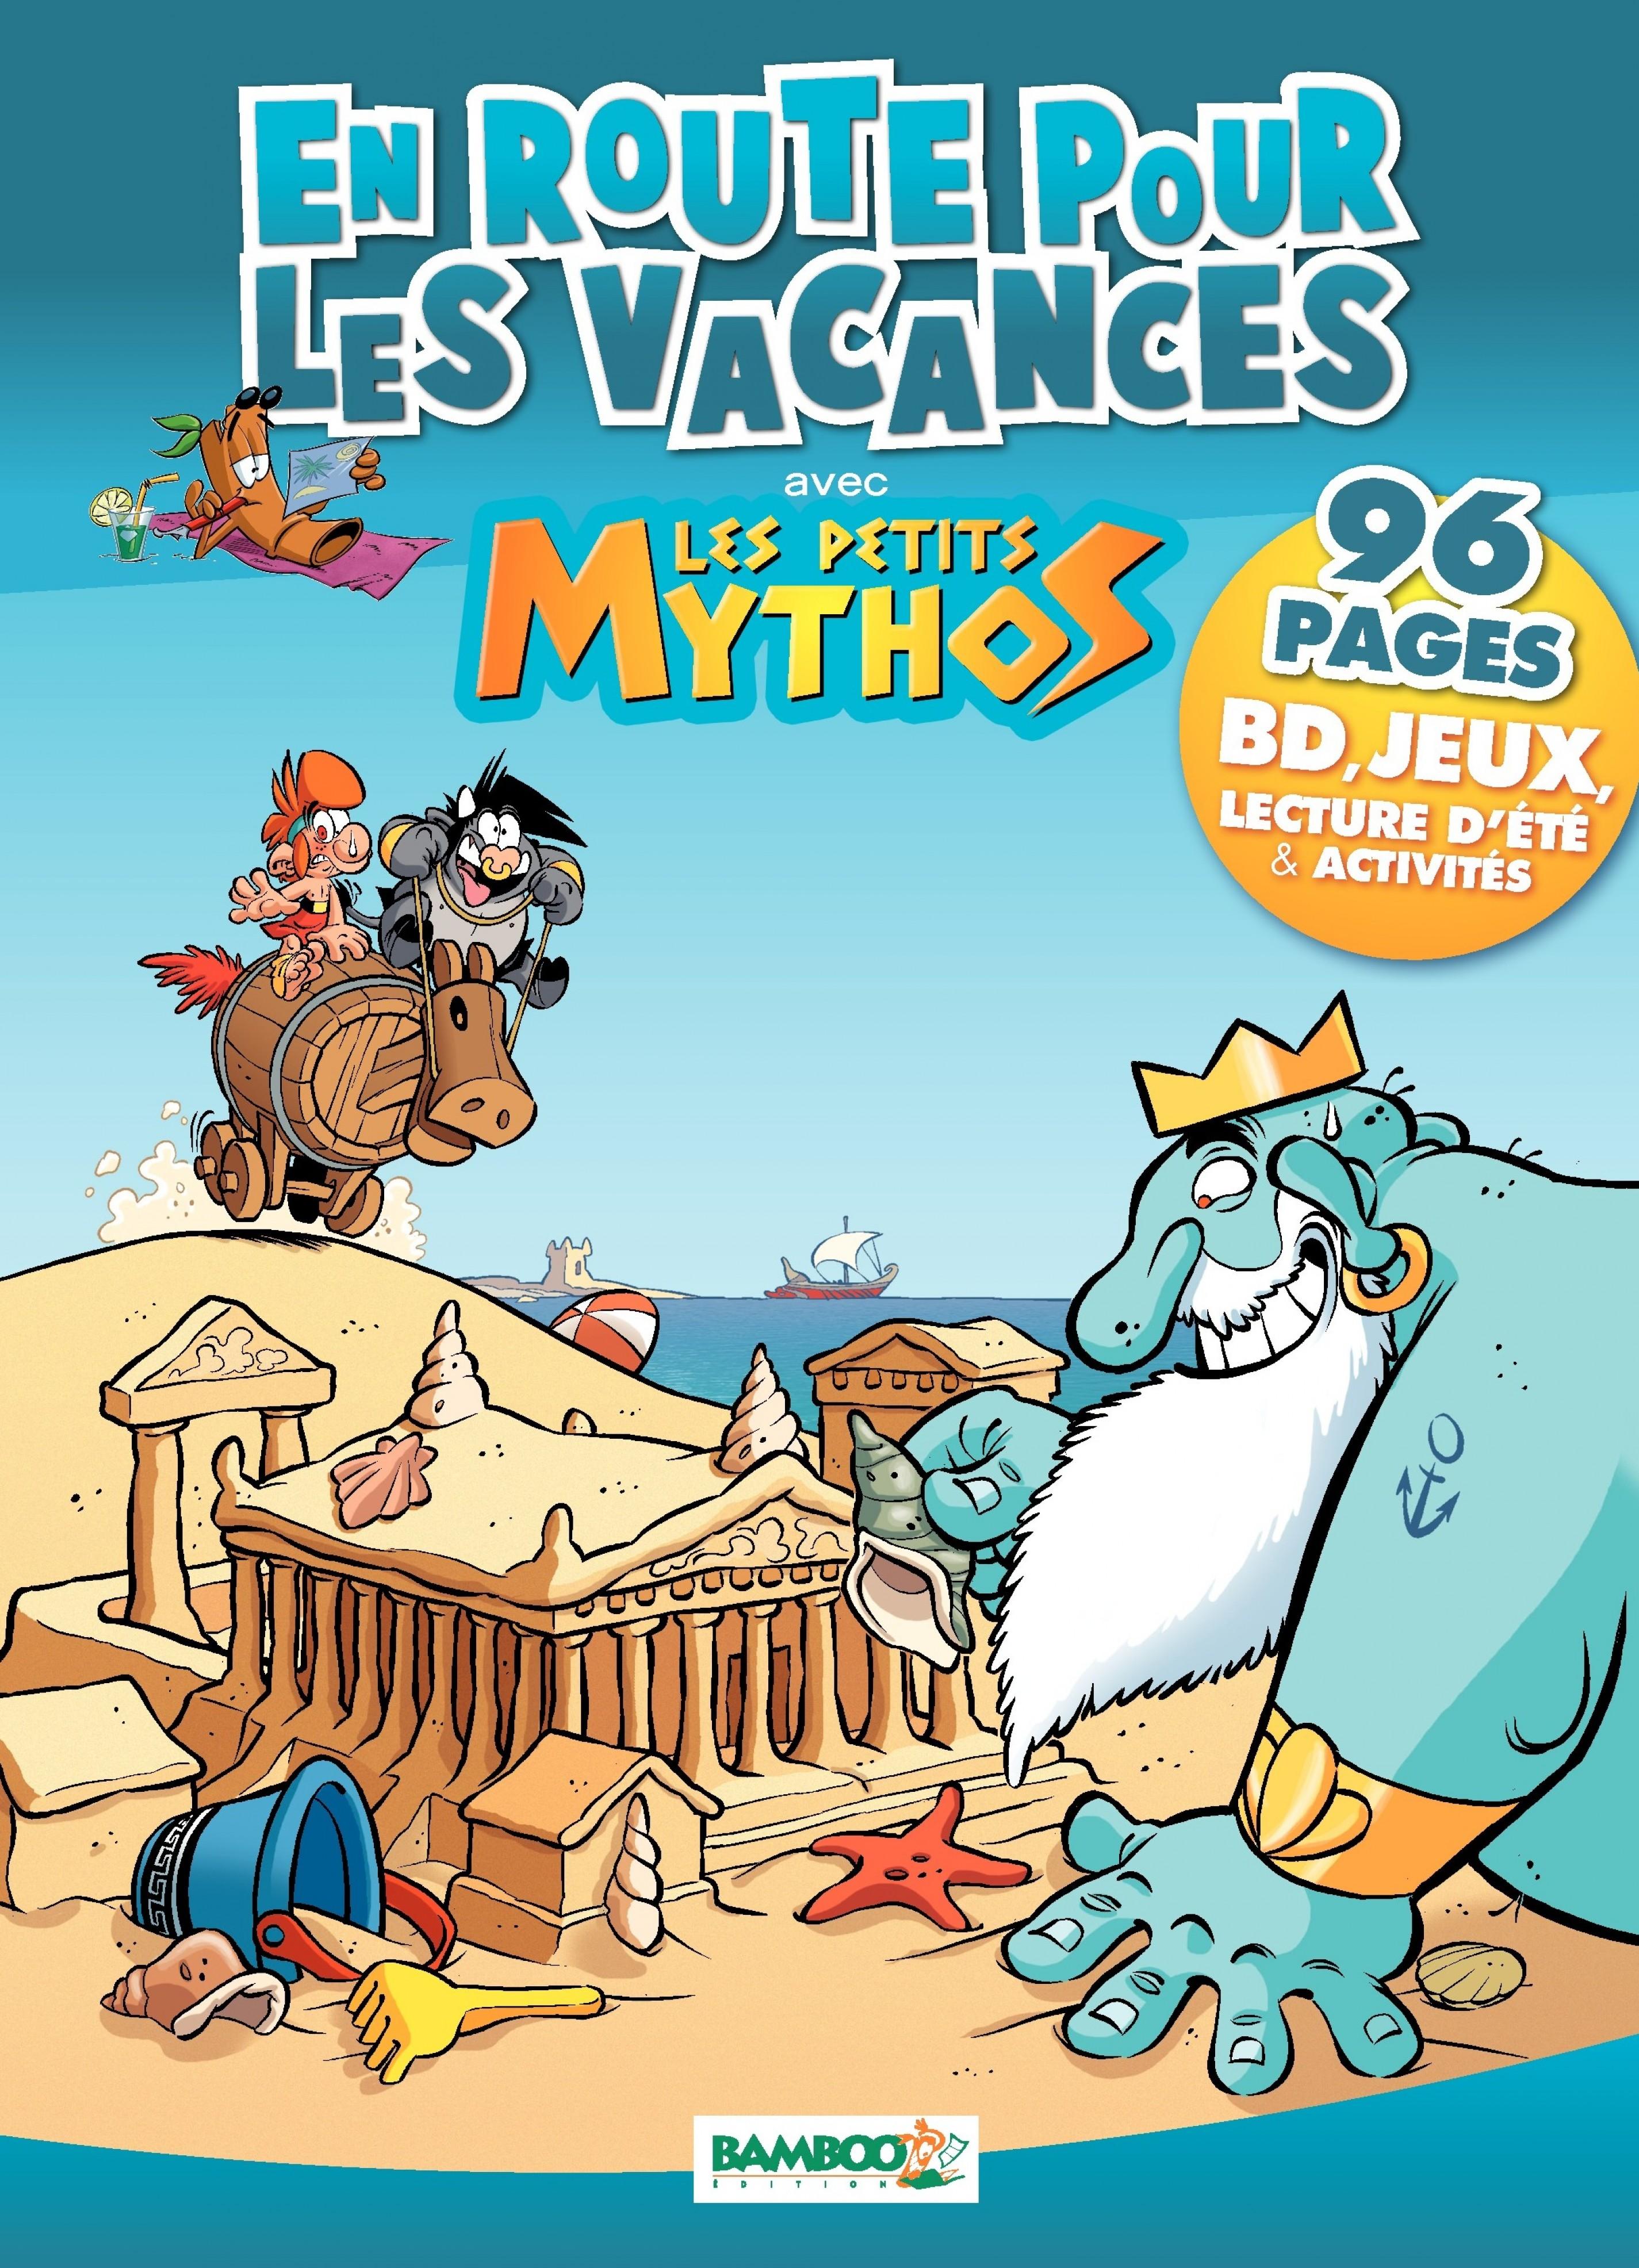 EN ROUTE POUR LES VACANCES AVEC LES PETITS MYTHOS